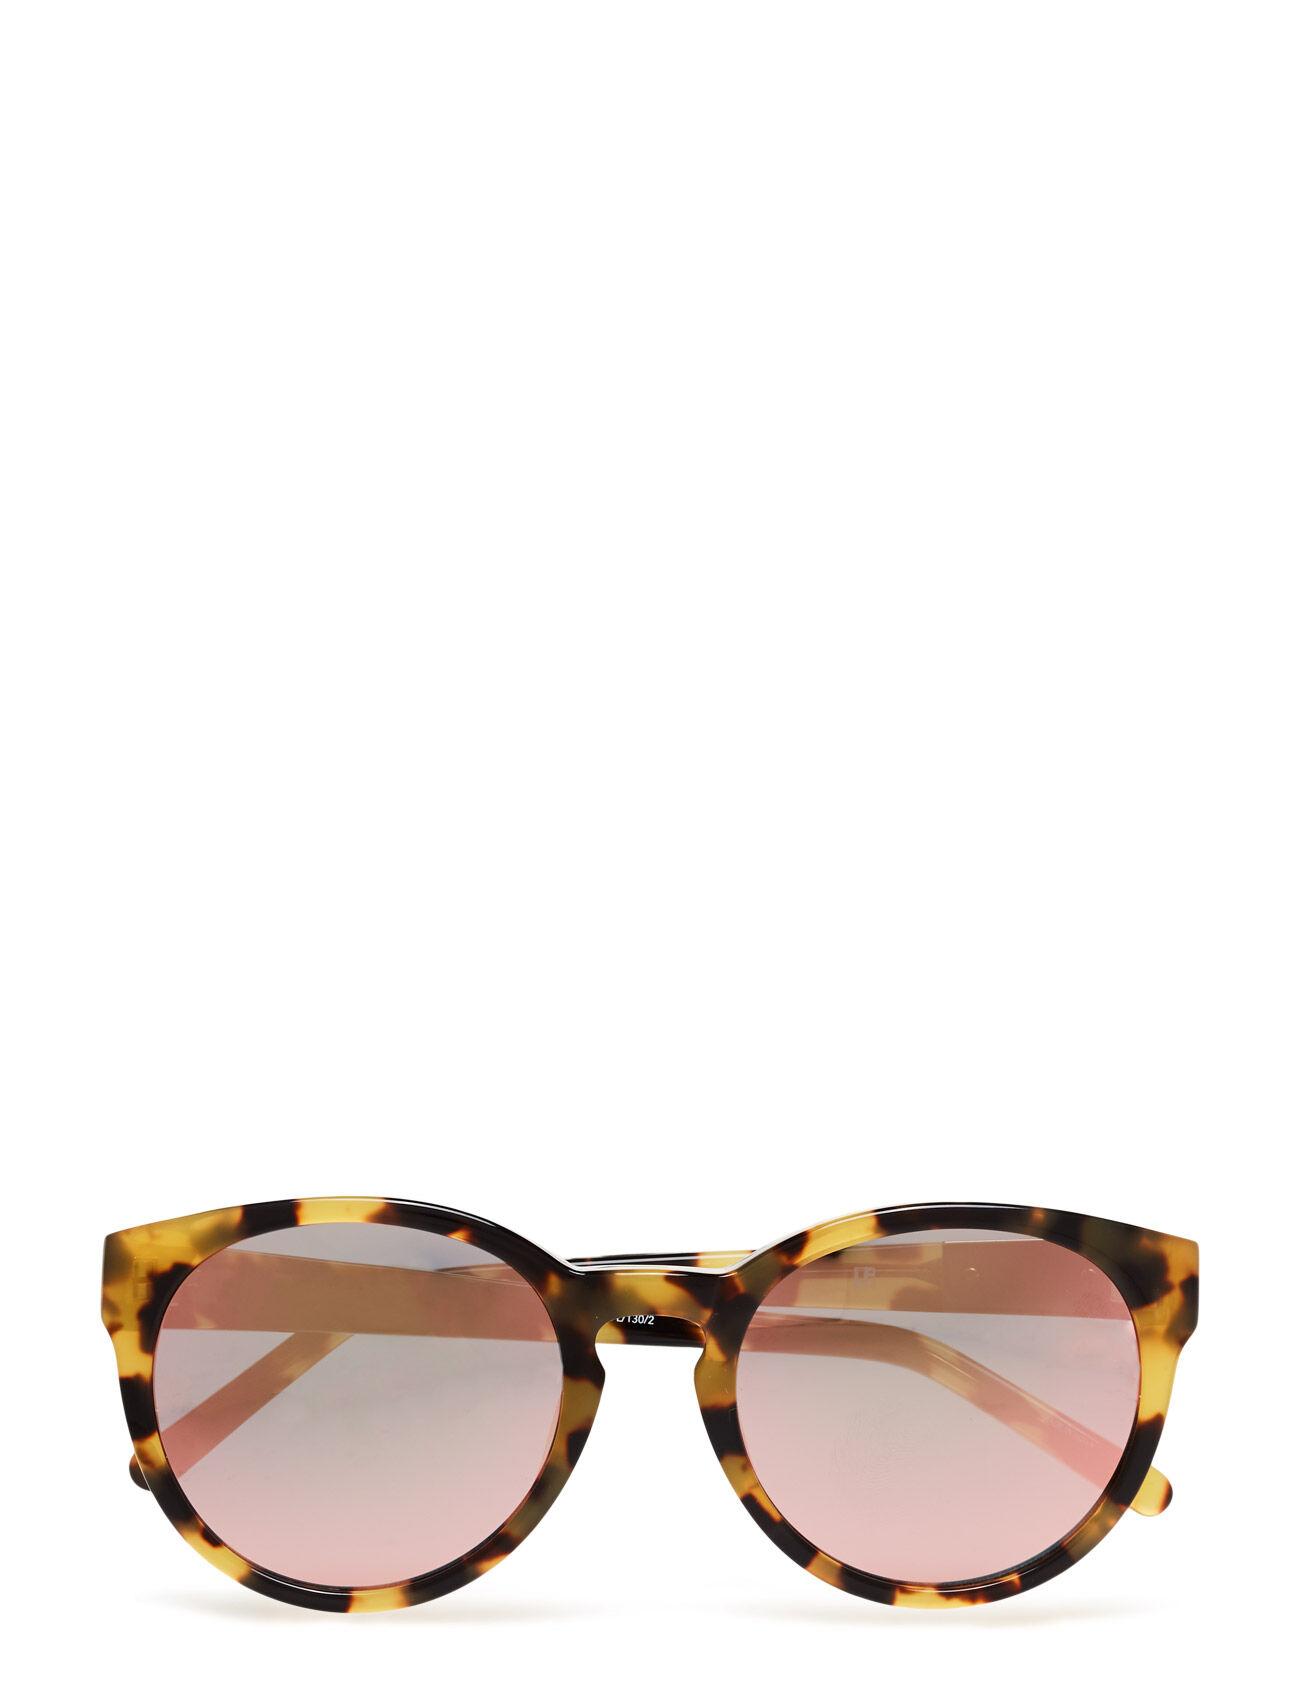 3.1 Phillip Lim Sunglasses Phillip Lim 130 C2